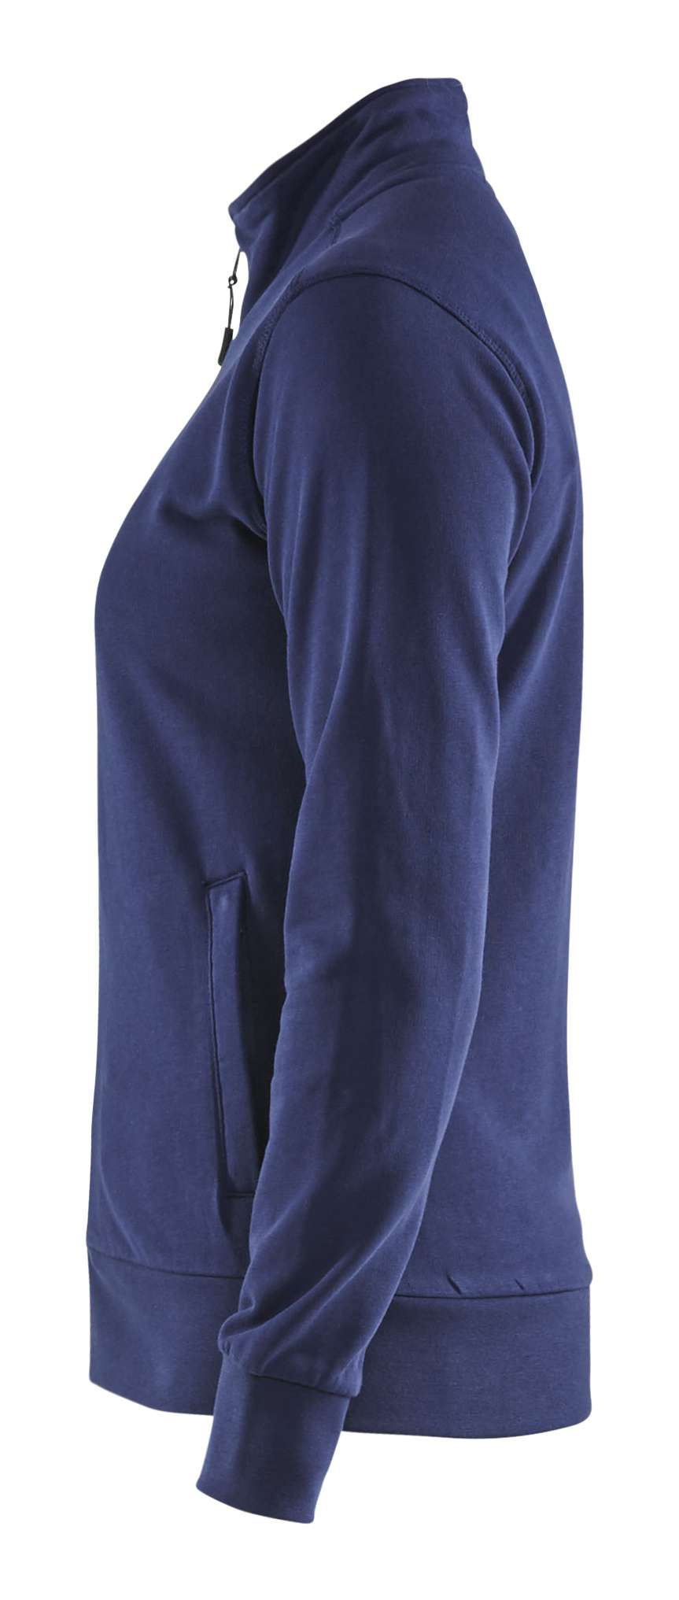 Blaklader Dames sweatvesten 33721158 marineblauw(8900)